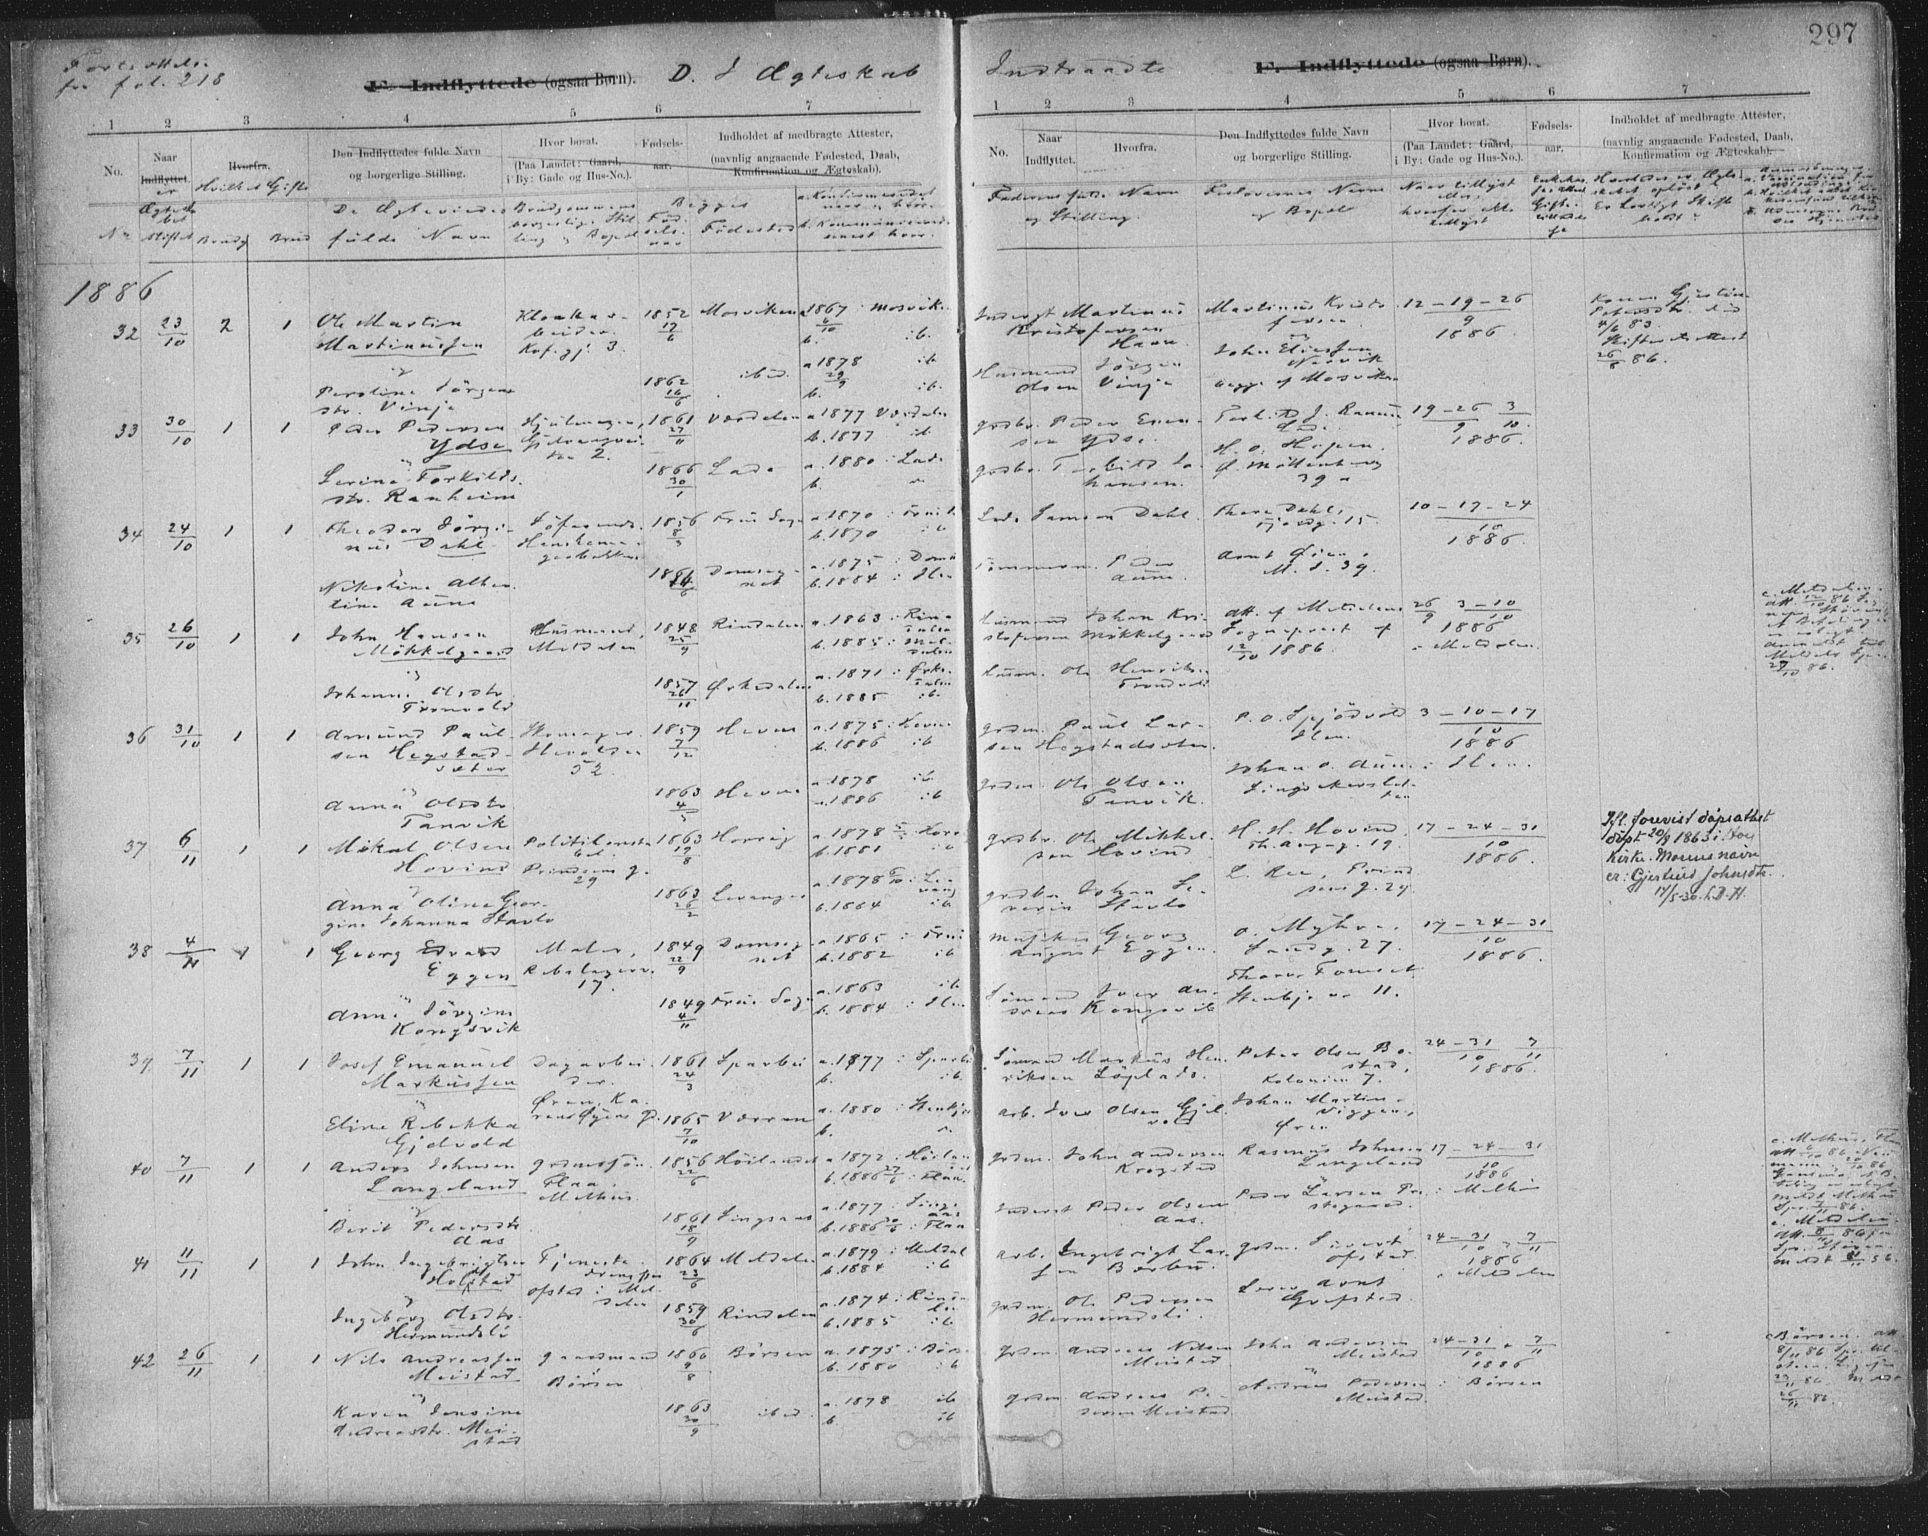 SAT, Ministerialprotokoller, klokkerbøker og fødselsregistre - Sør-Trøndelag, 603/L0163: Ministerialbok nr. 603A02, 1879-1895, s. 297